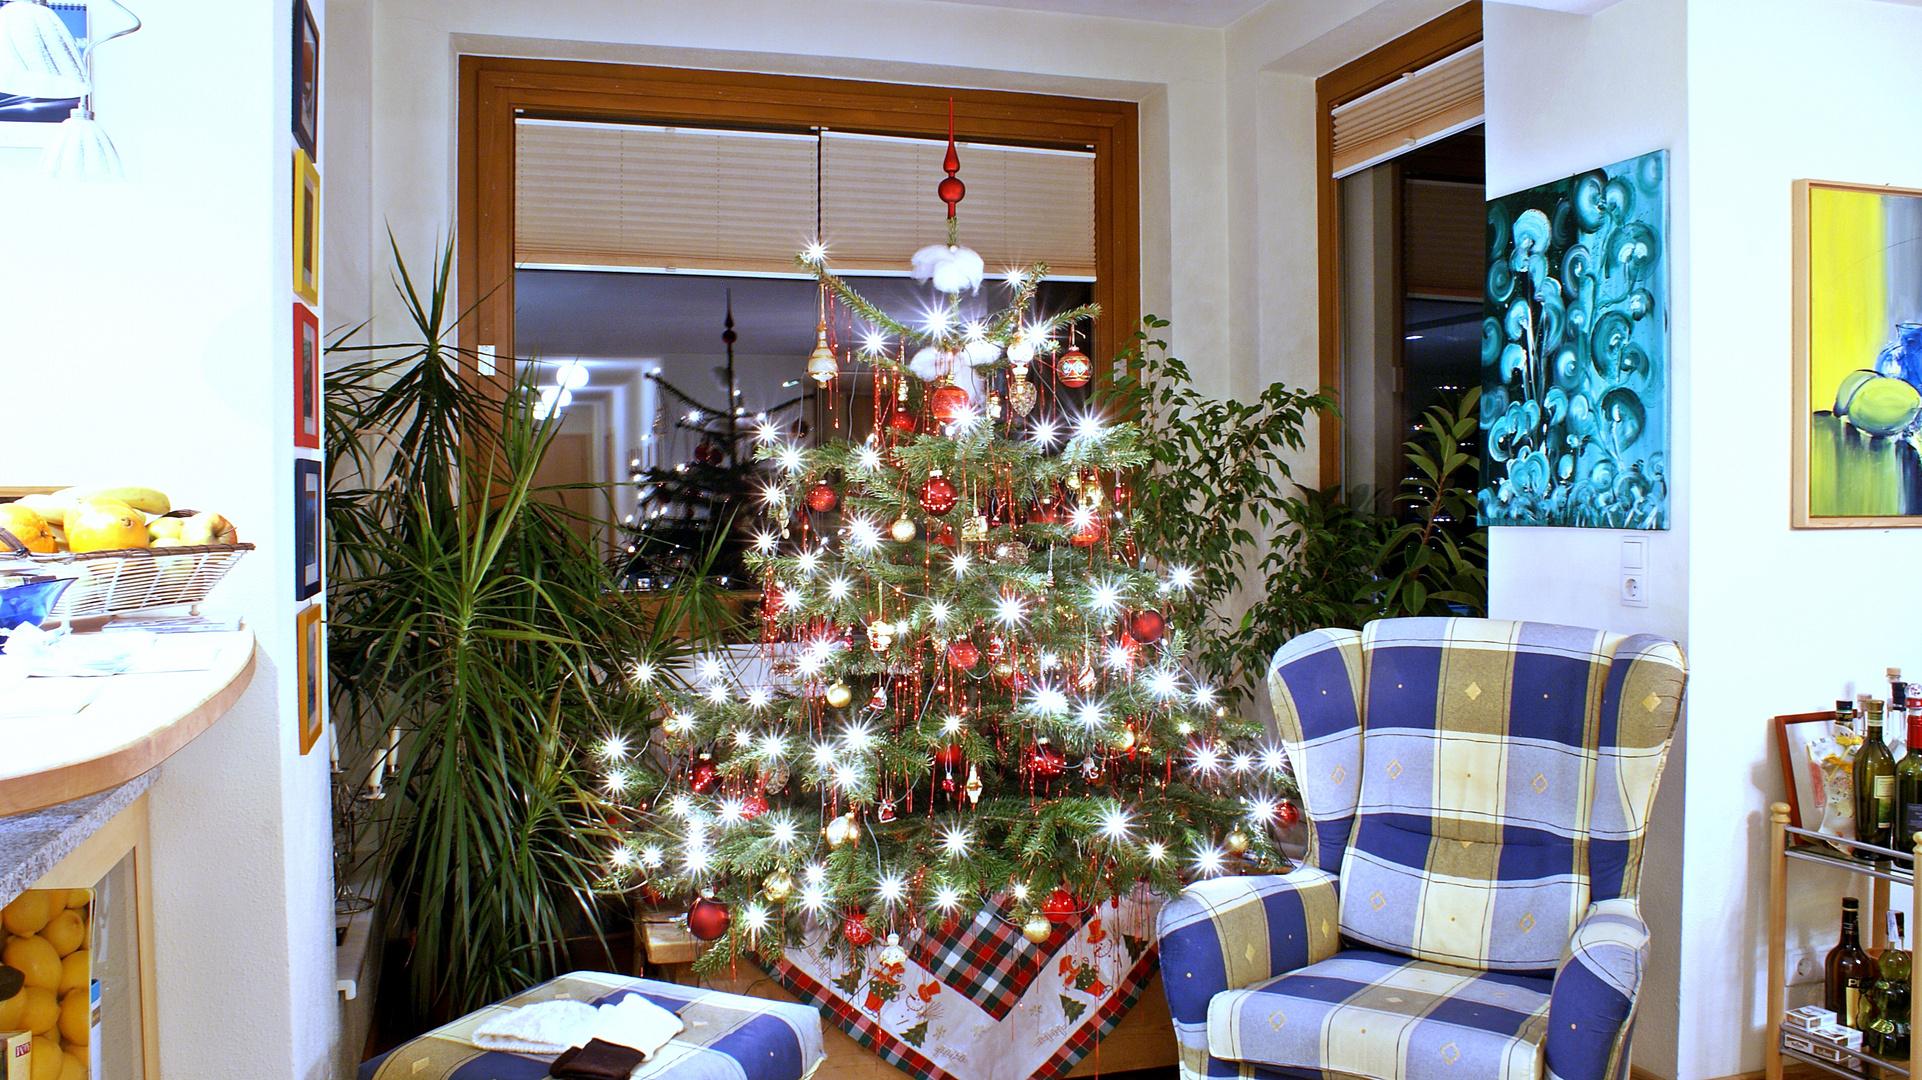 Tiroler Weihnacht 2010